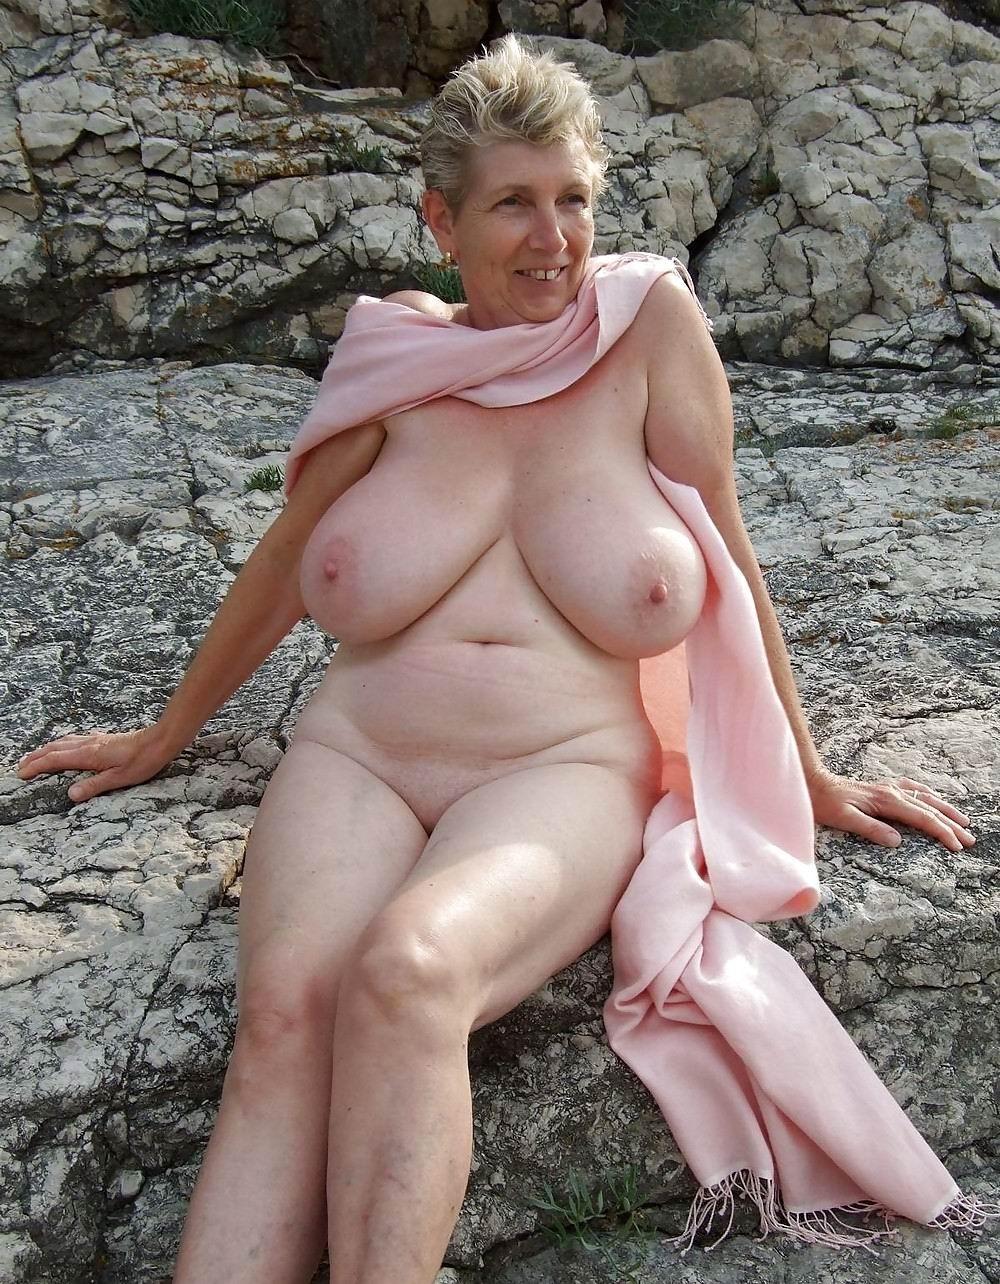 Grandmother Big Tits Slut Erotic Pics